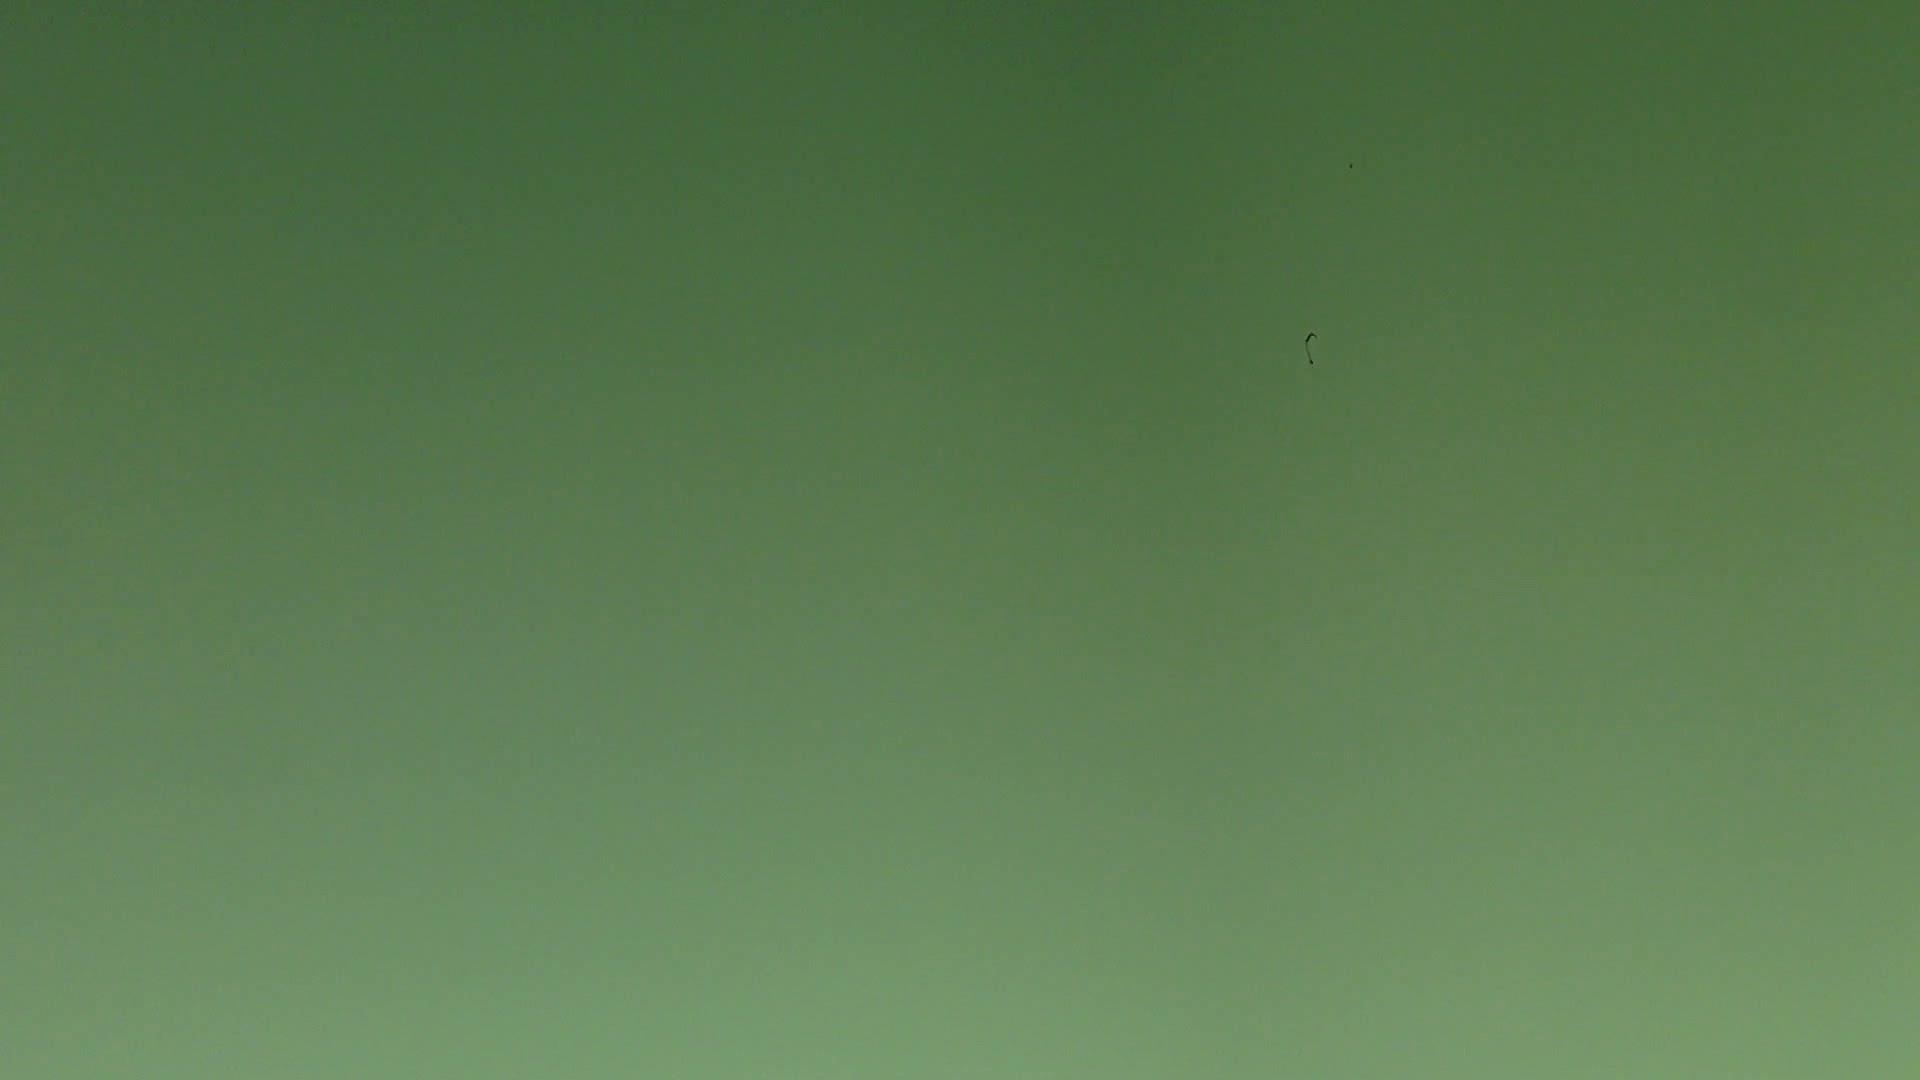 上級者の方専用 vol.03 OLセックス  82画像 22